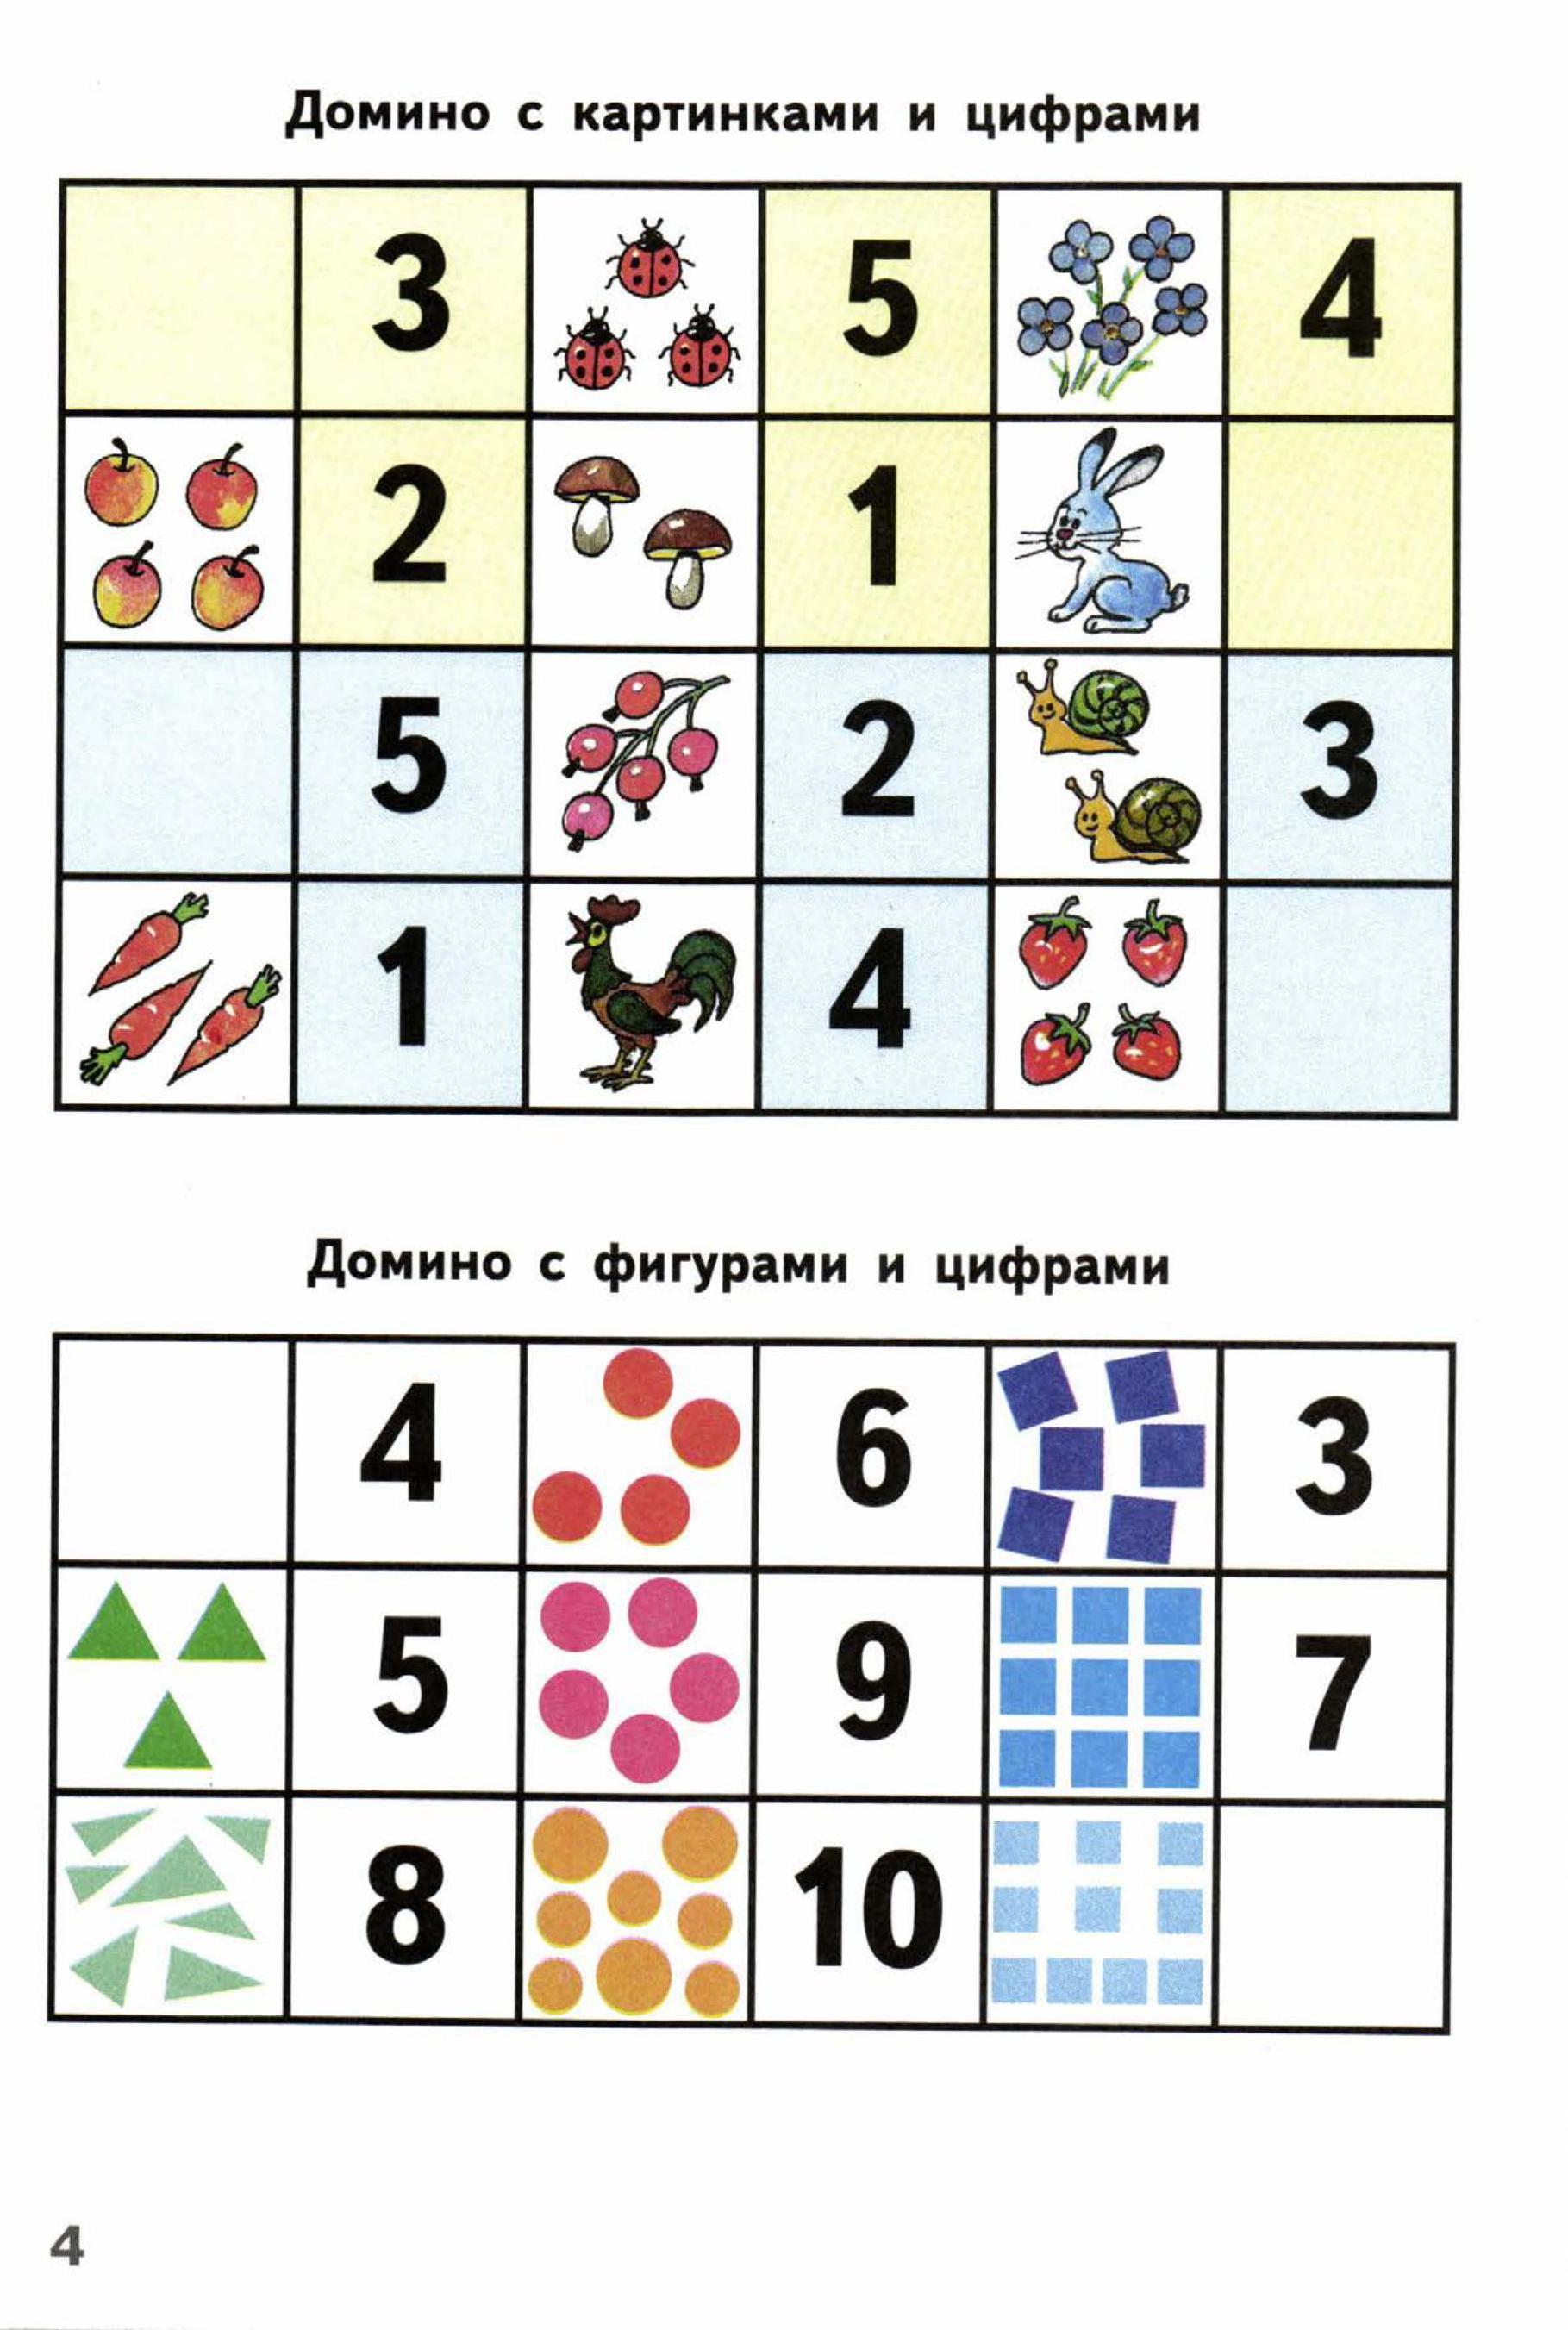 Как решить задачу по математике школа россии для решения транспортных задач используется метод потенциалов